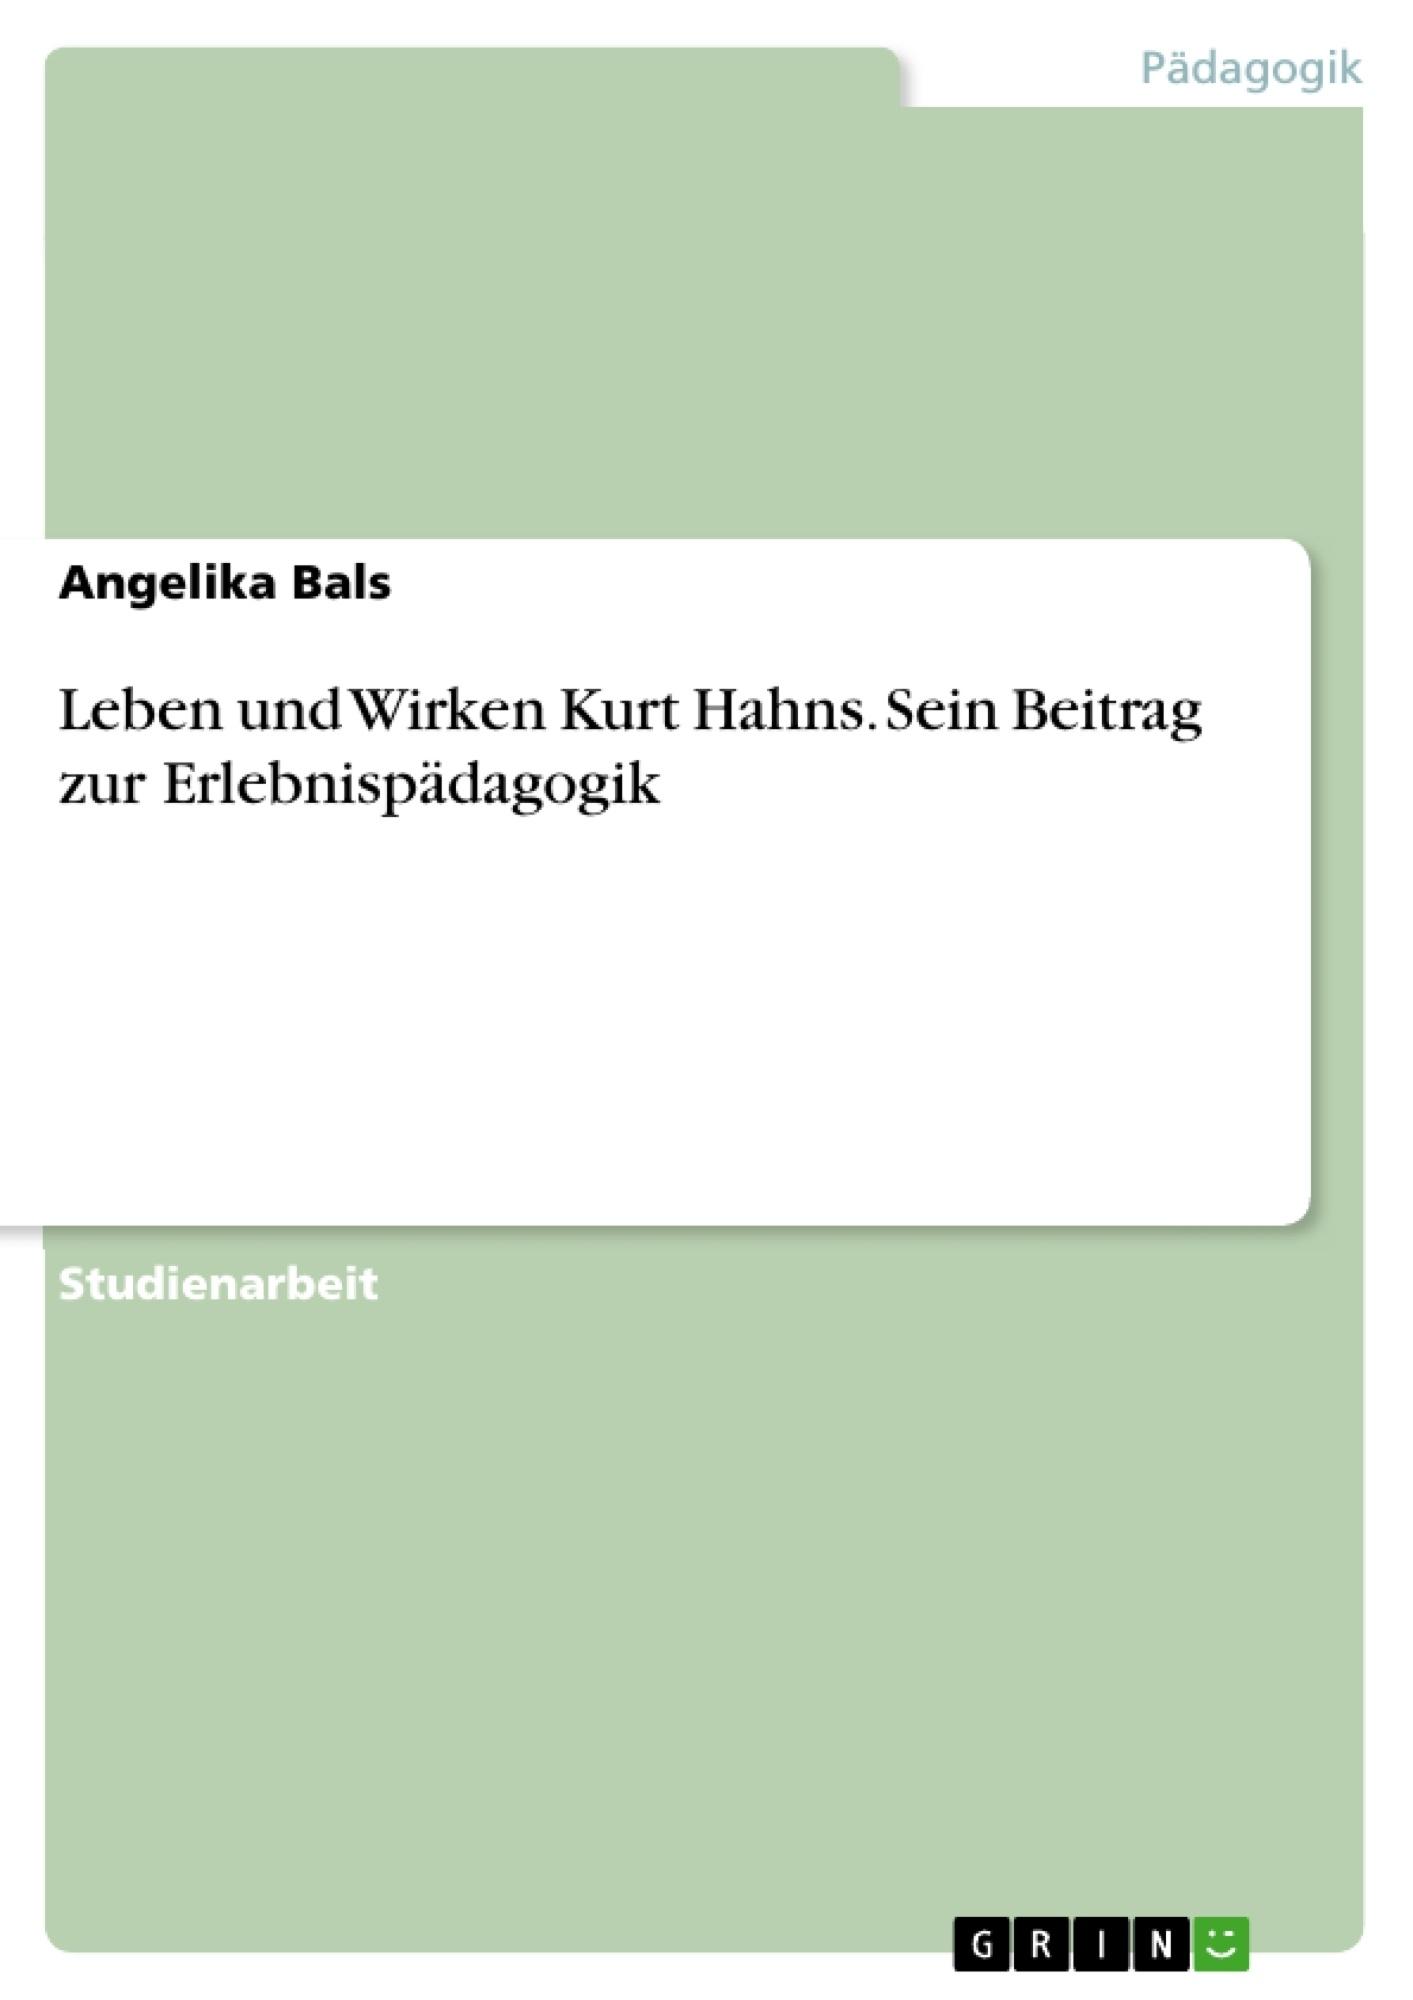 Titel: Leben und Wirken Kurt Hahns. Sein Beitrag zur Erlebnispädagogik